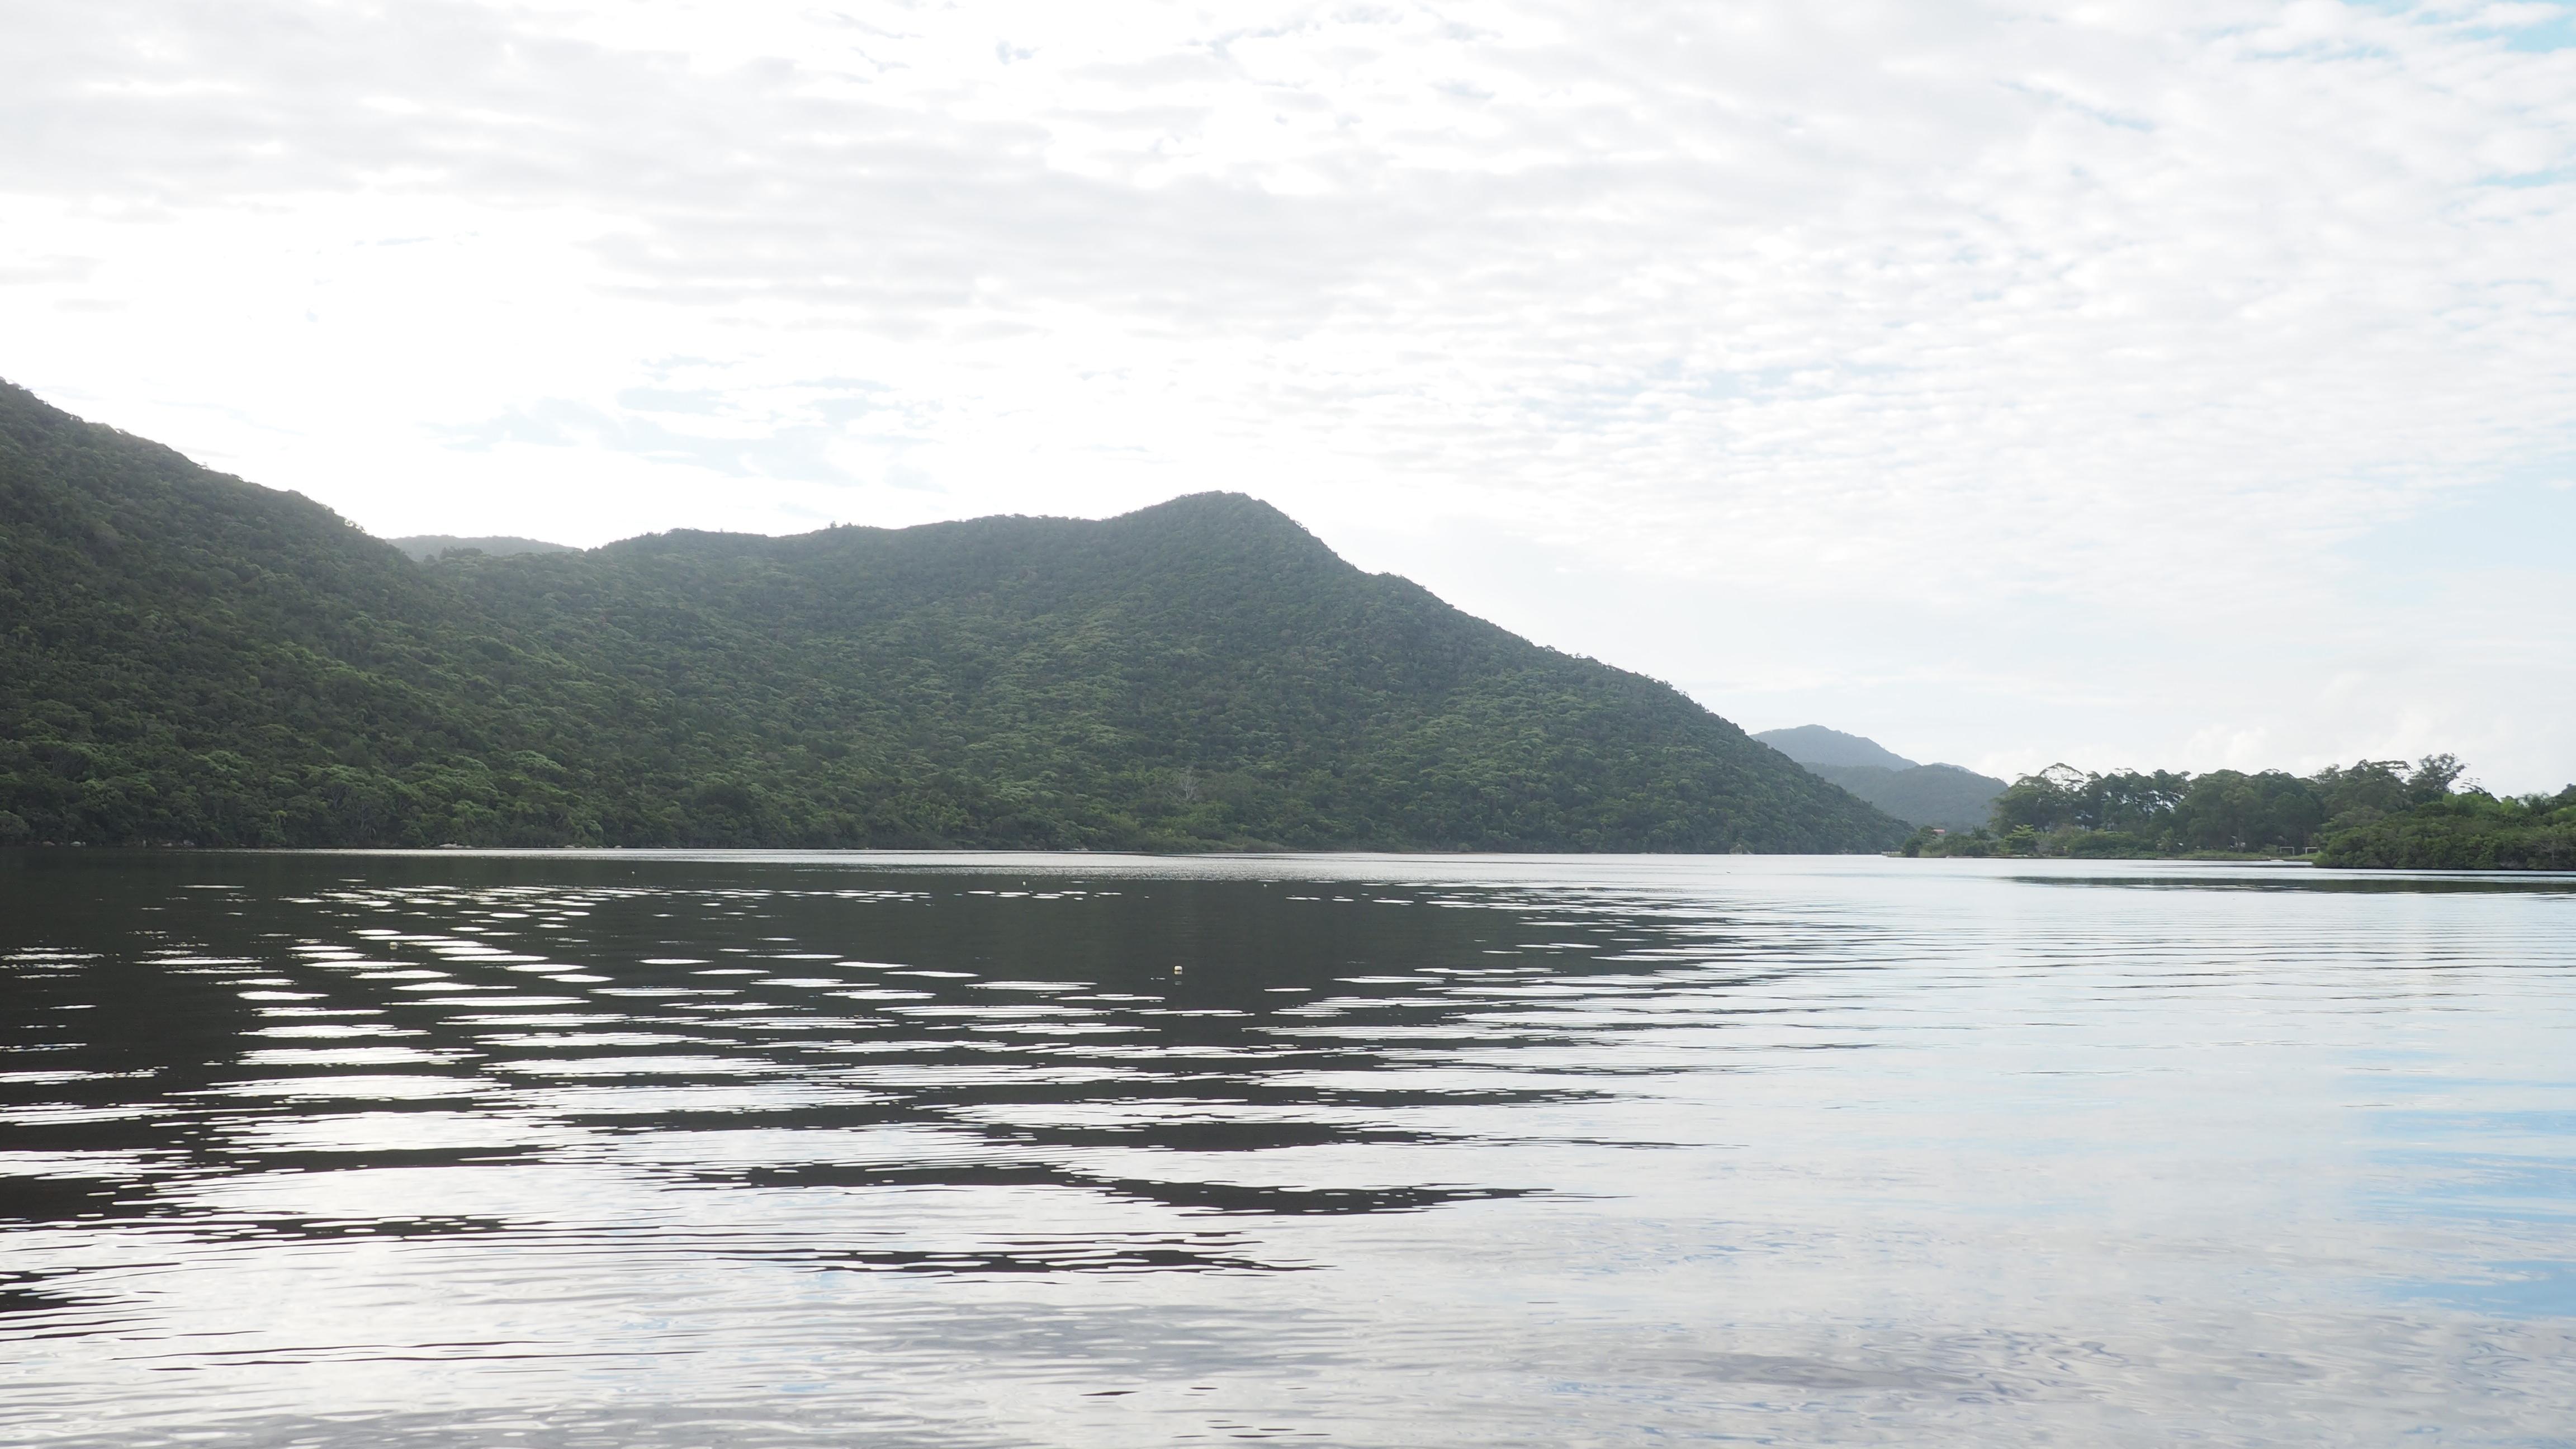 La Lagoa da Barra, escenario de la senda del Rio Vermelho, una de las cosas que hacer en Florianópolis